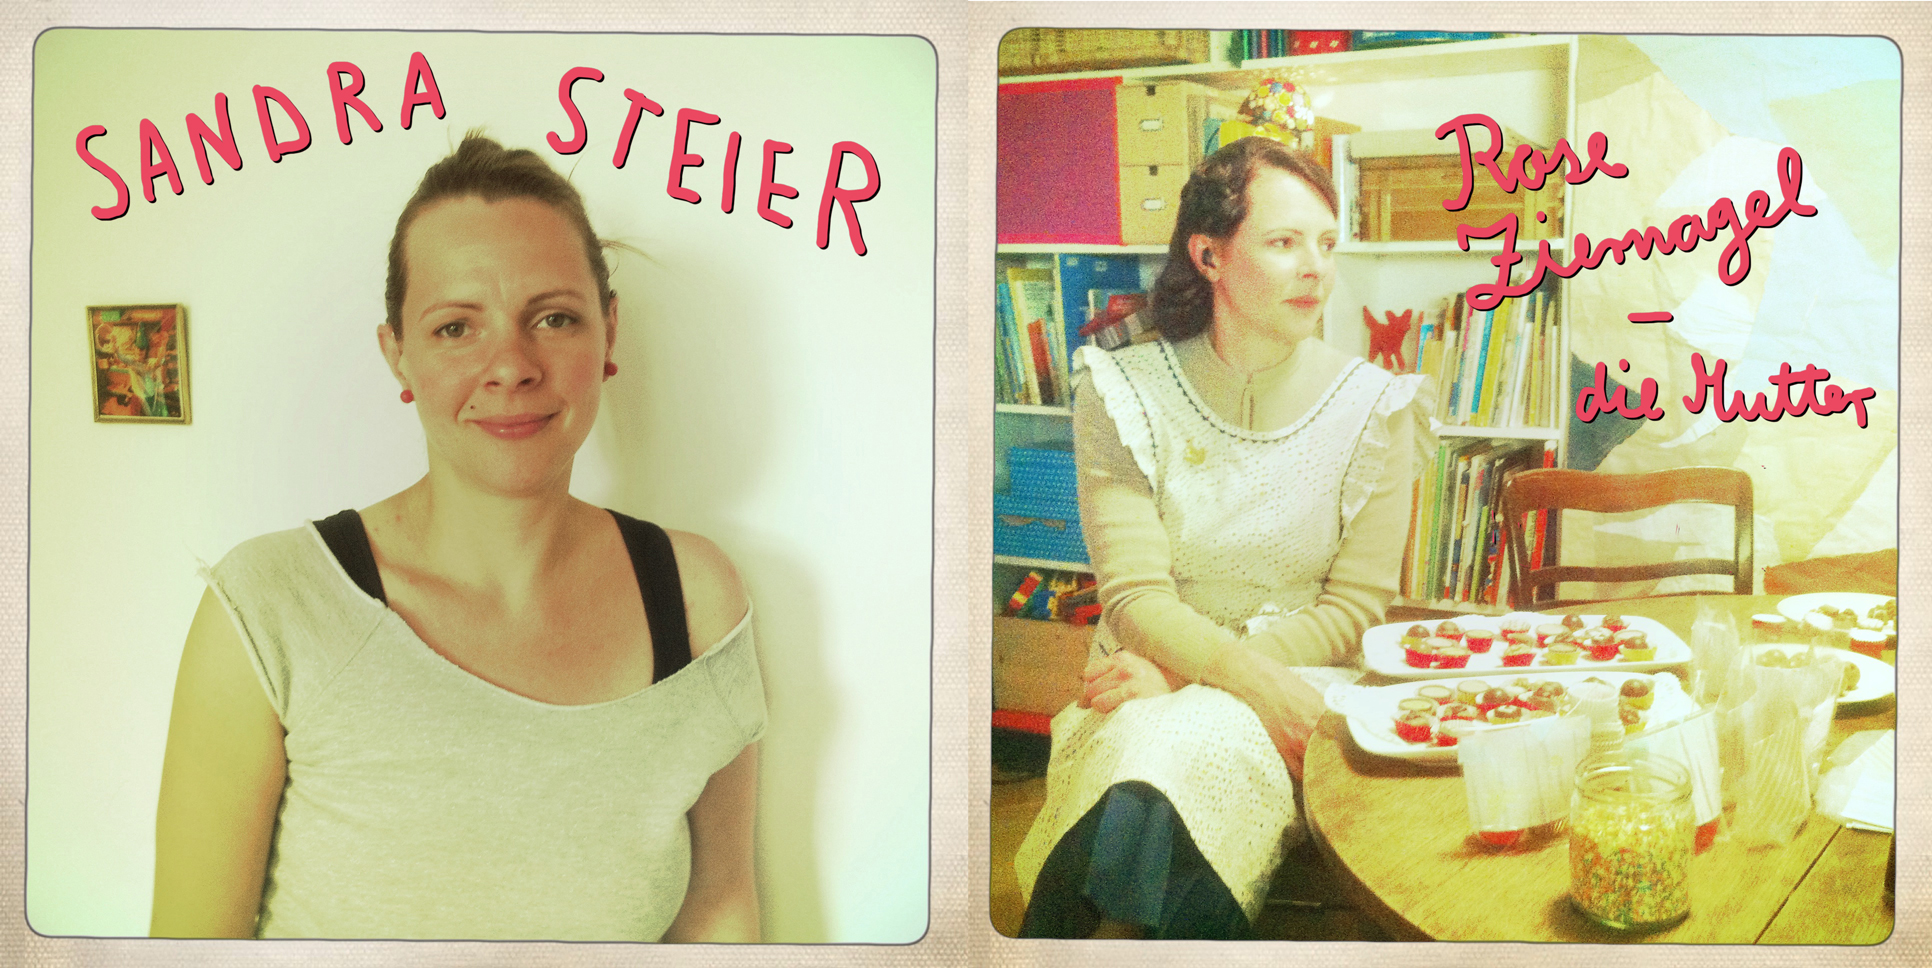 Sandra Steier Nude Photos 36